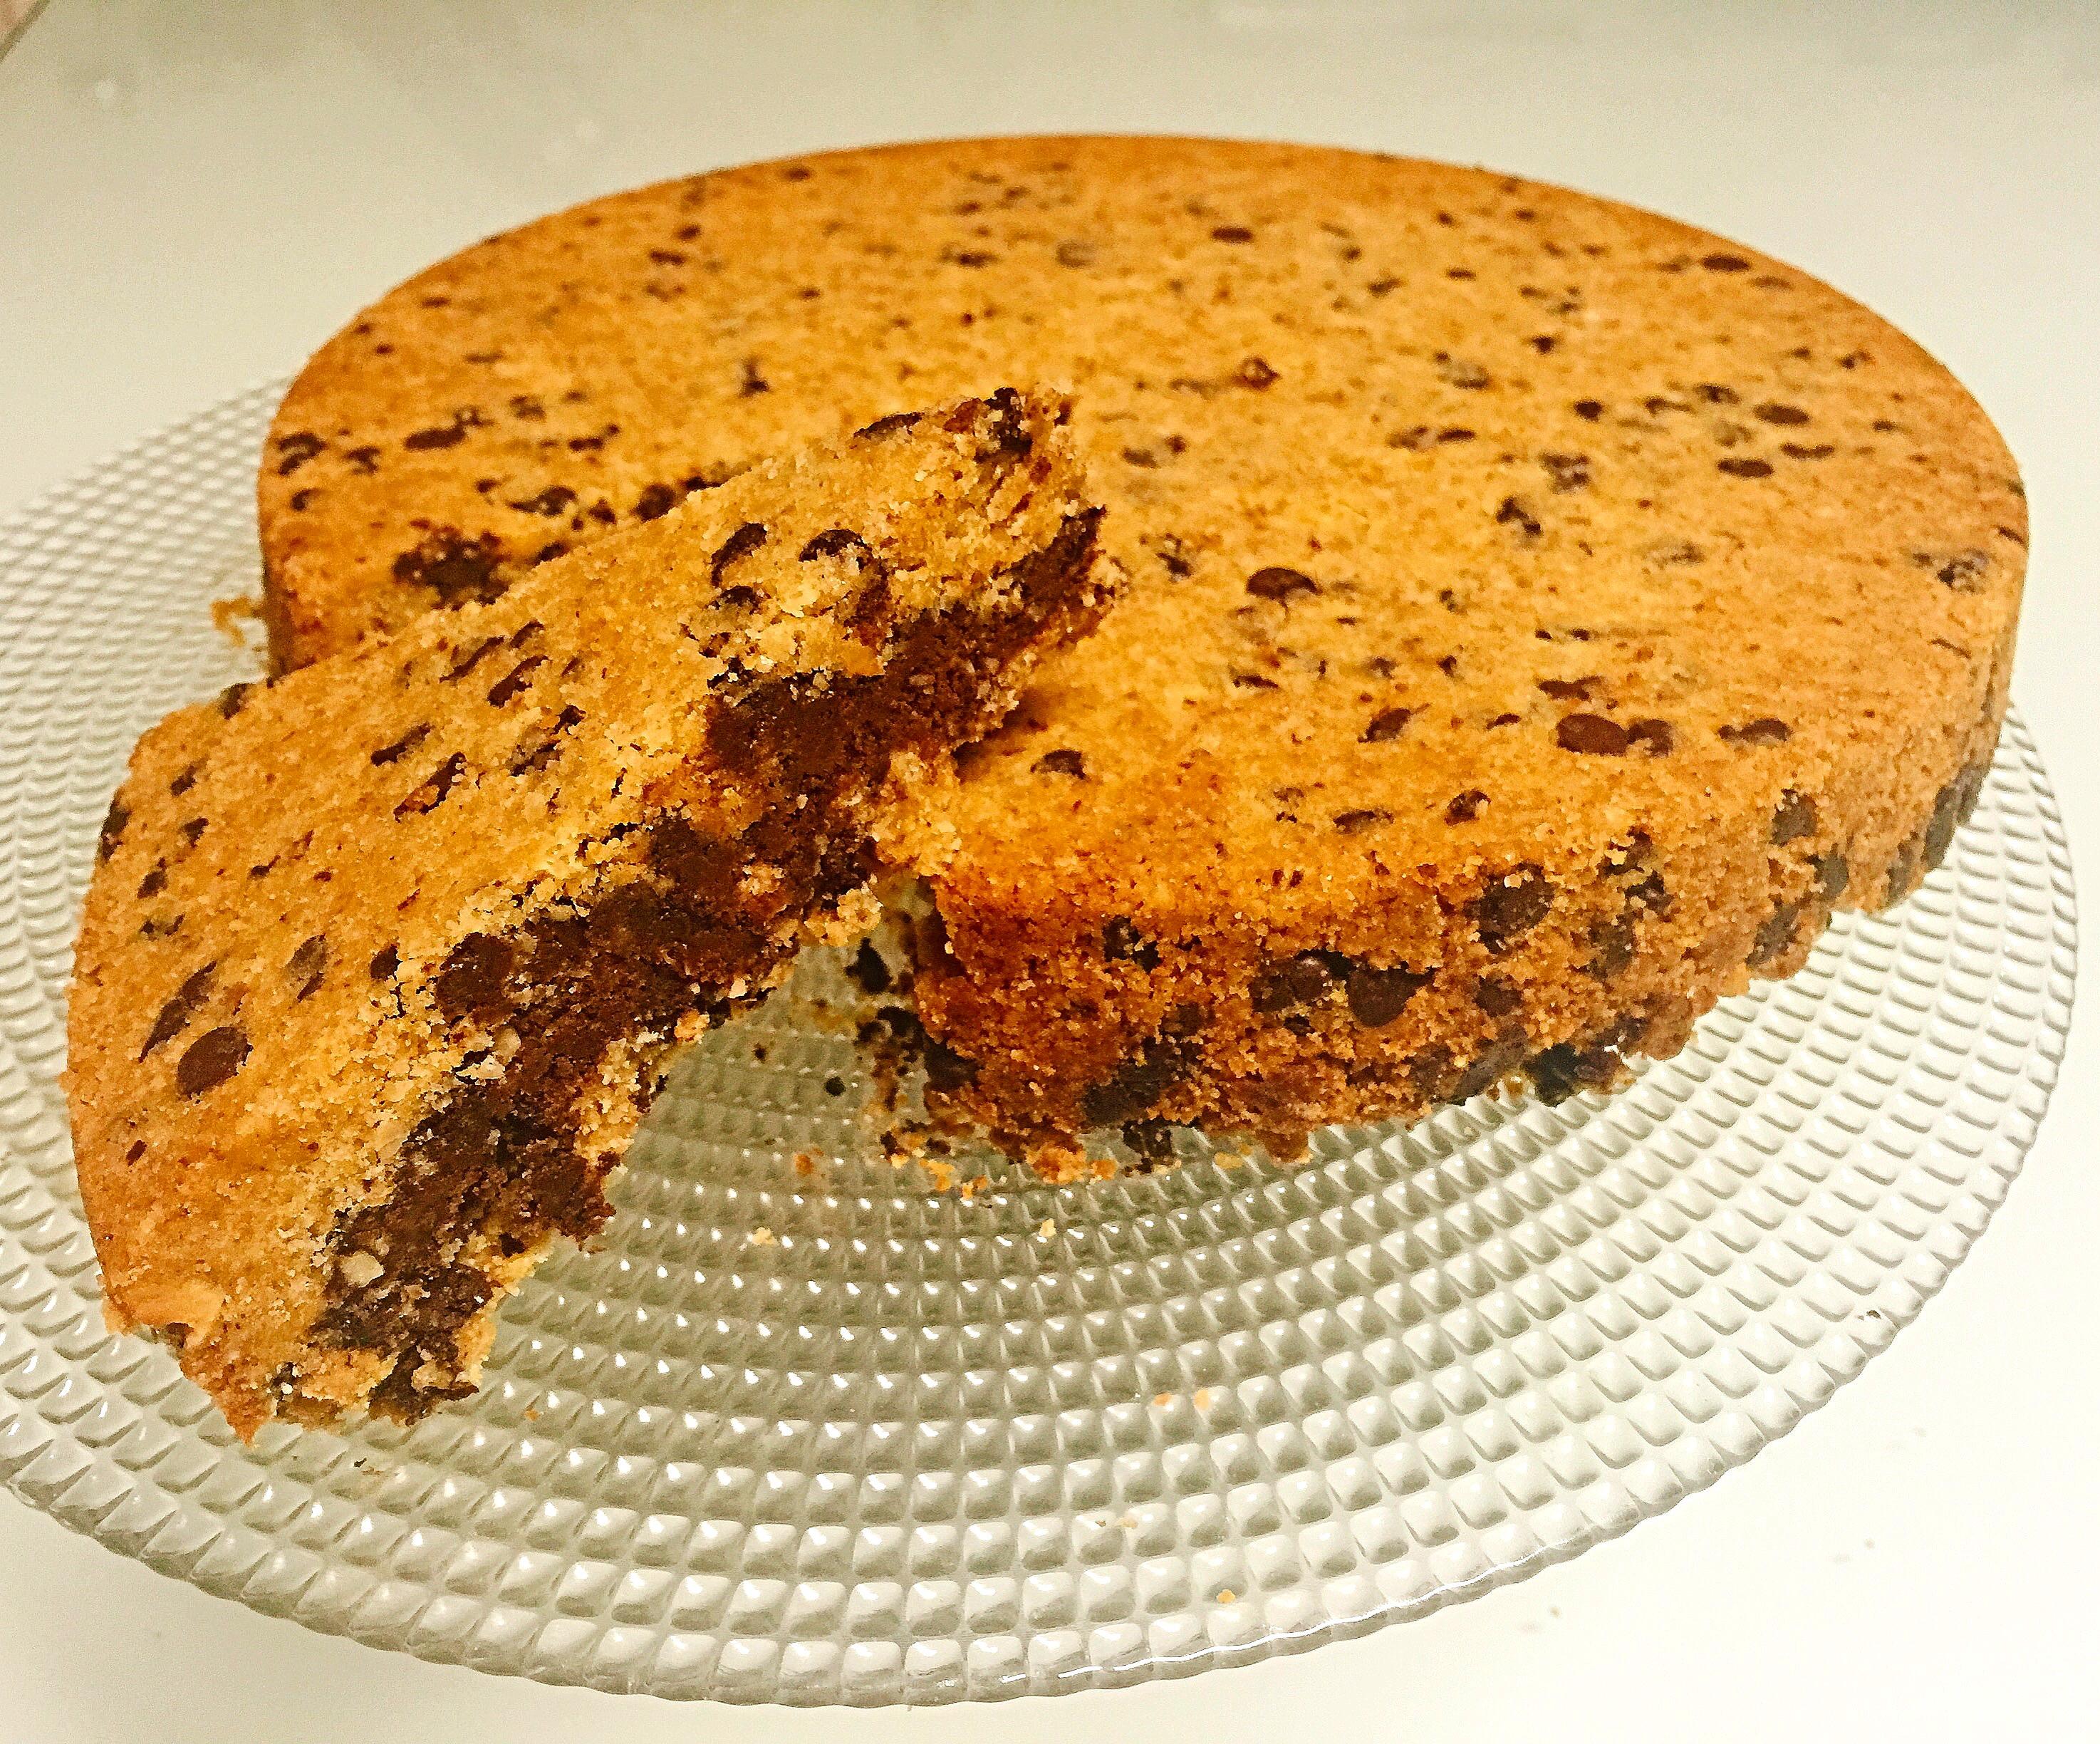 Torta Cookies Senza Burro, la versione torta del più famoso biscotto americano di dolci senza burro